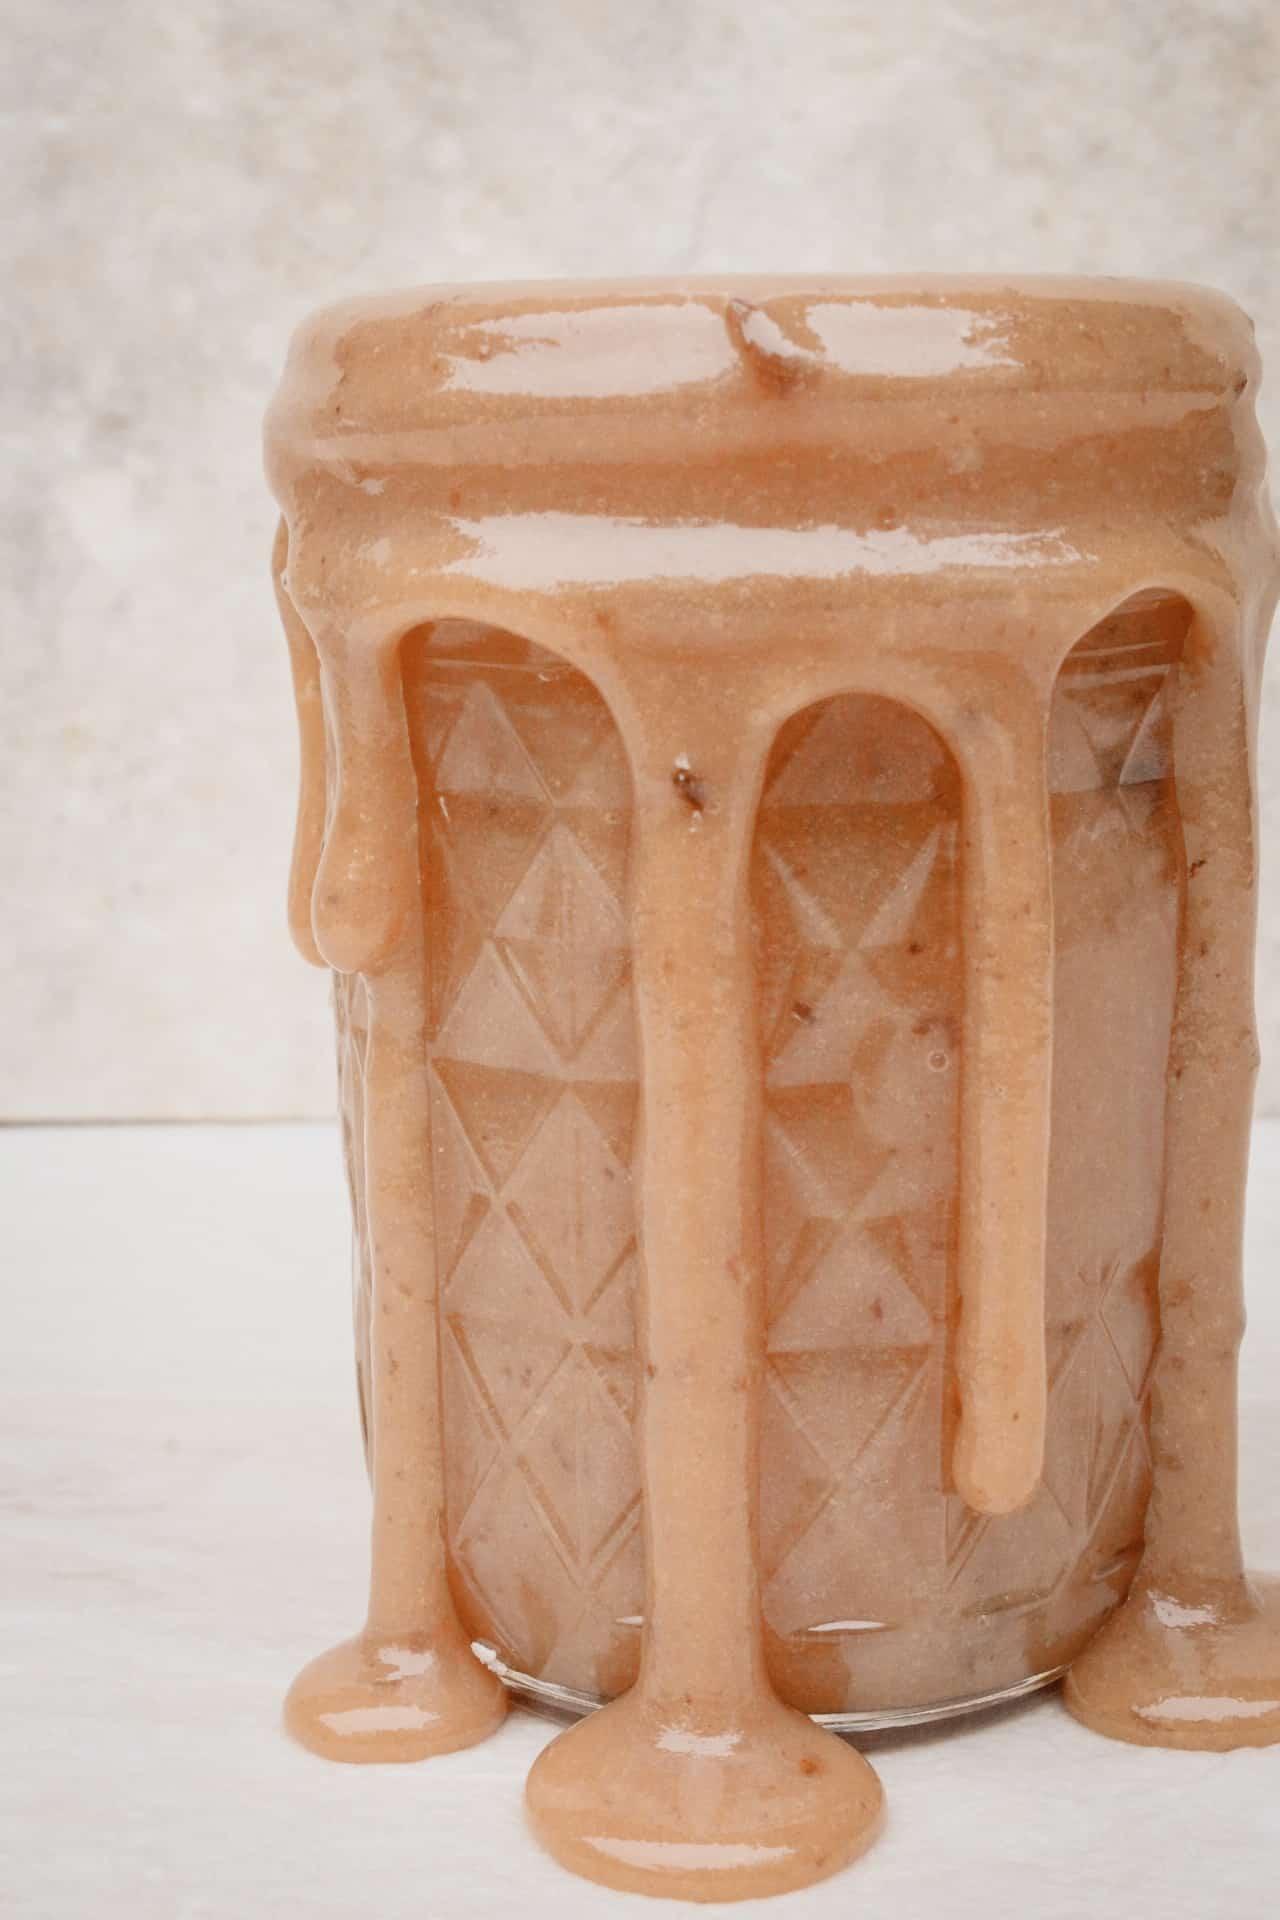 overflowing jar of dulce de leche